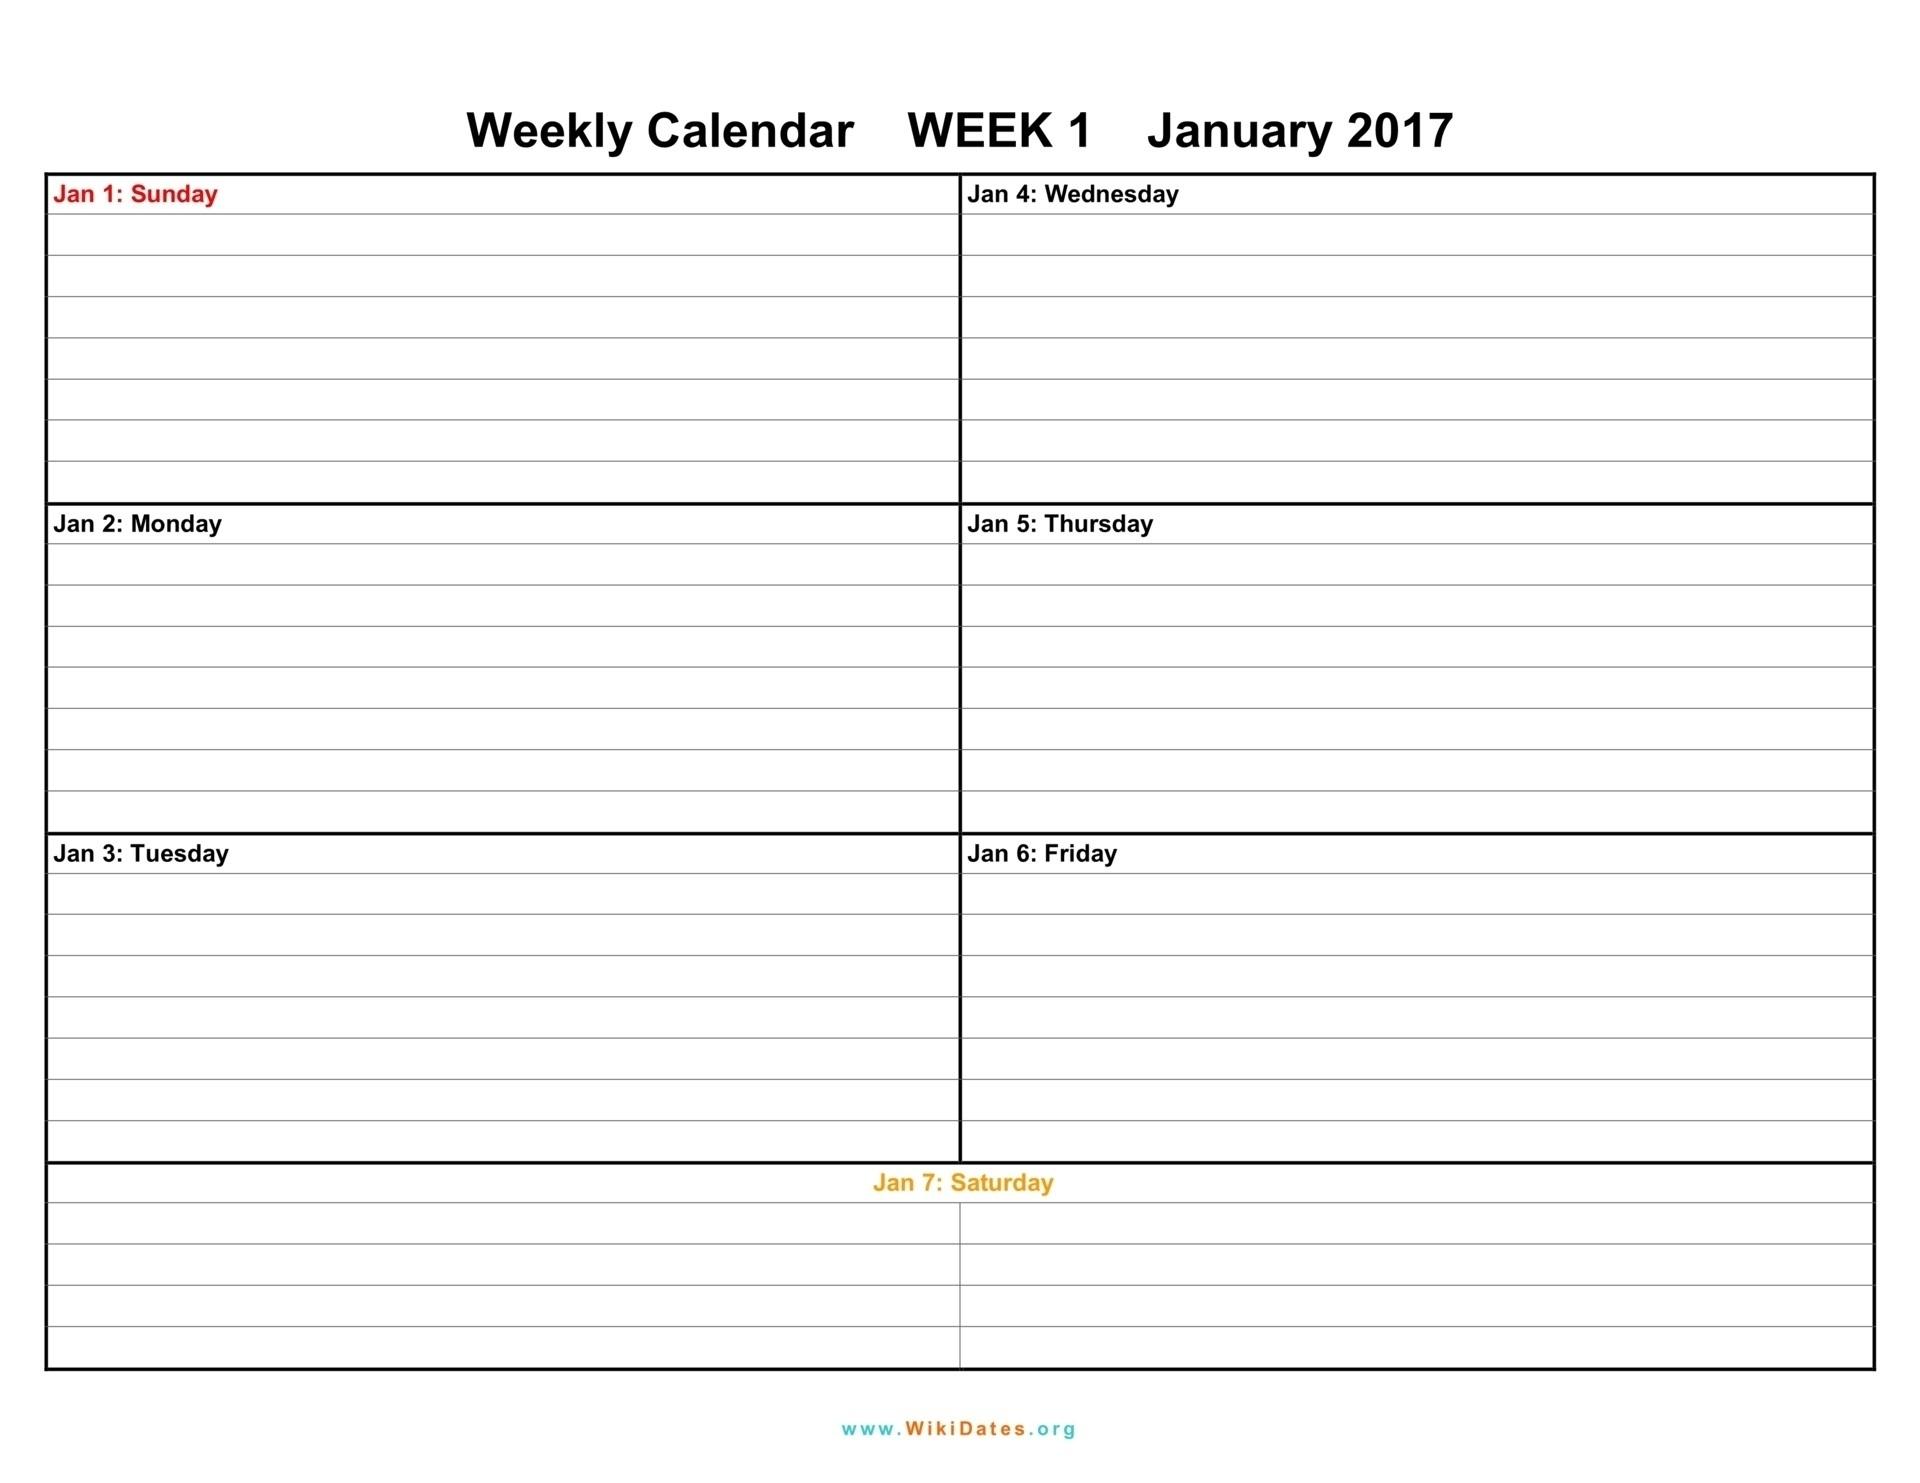 One Week Calendar – Celo.yogawithjo.co 1 Week Blank Calendar Calendar Template 1 Week